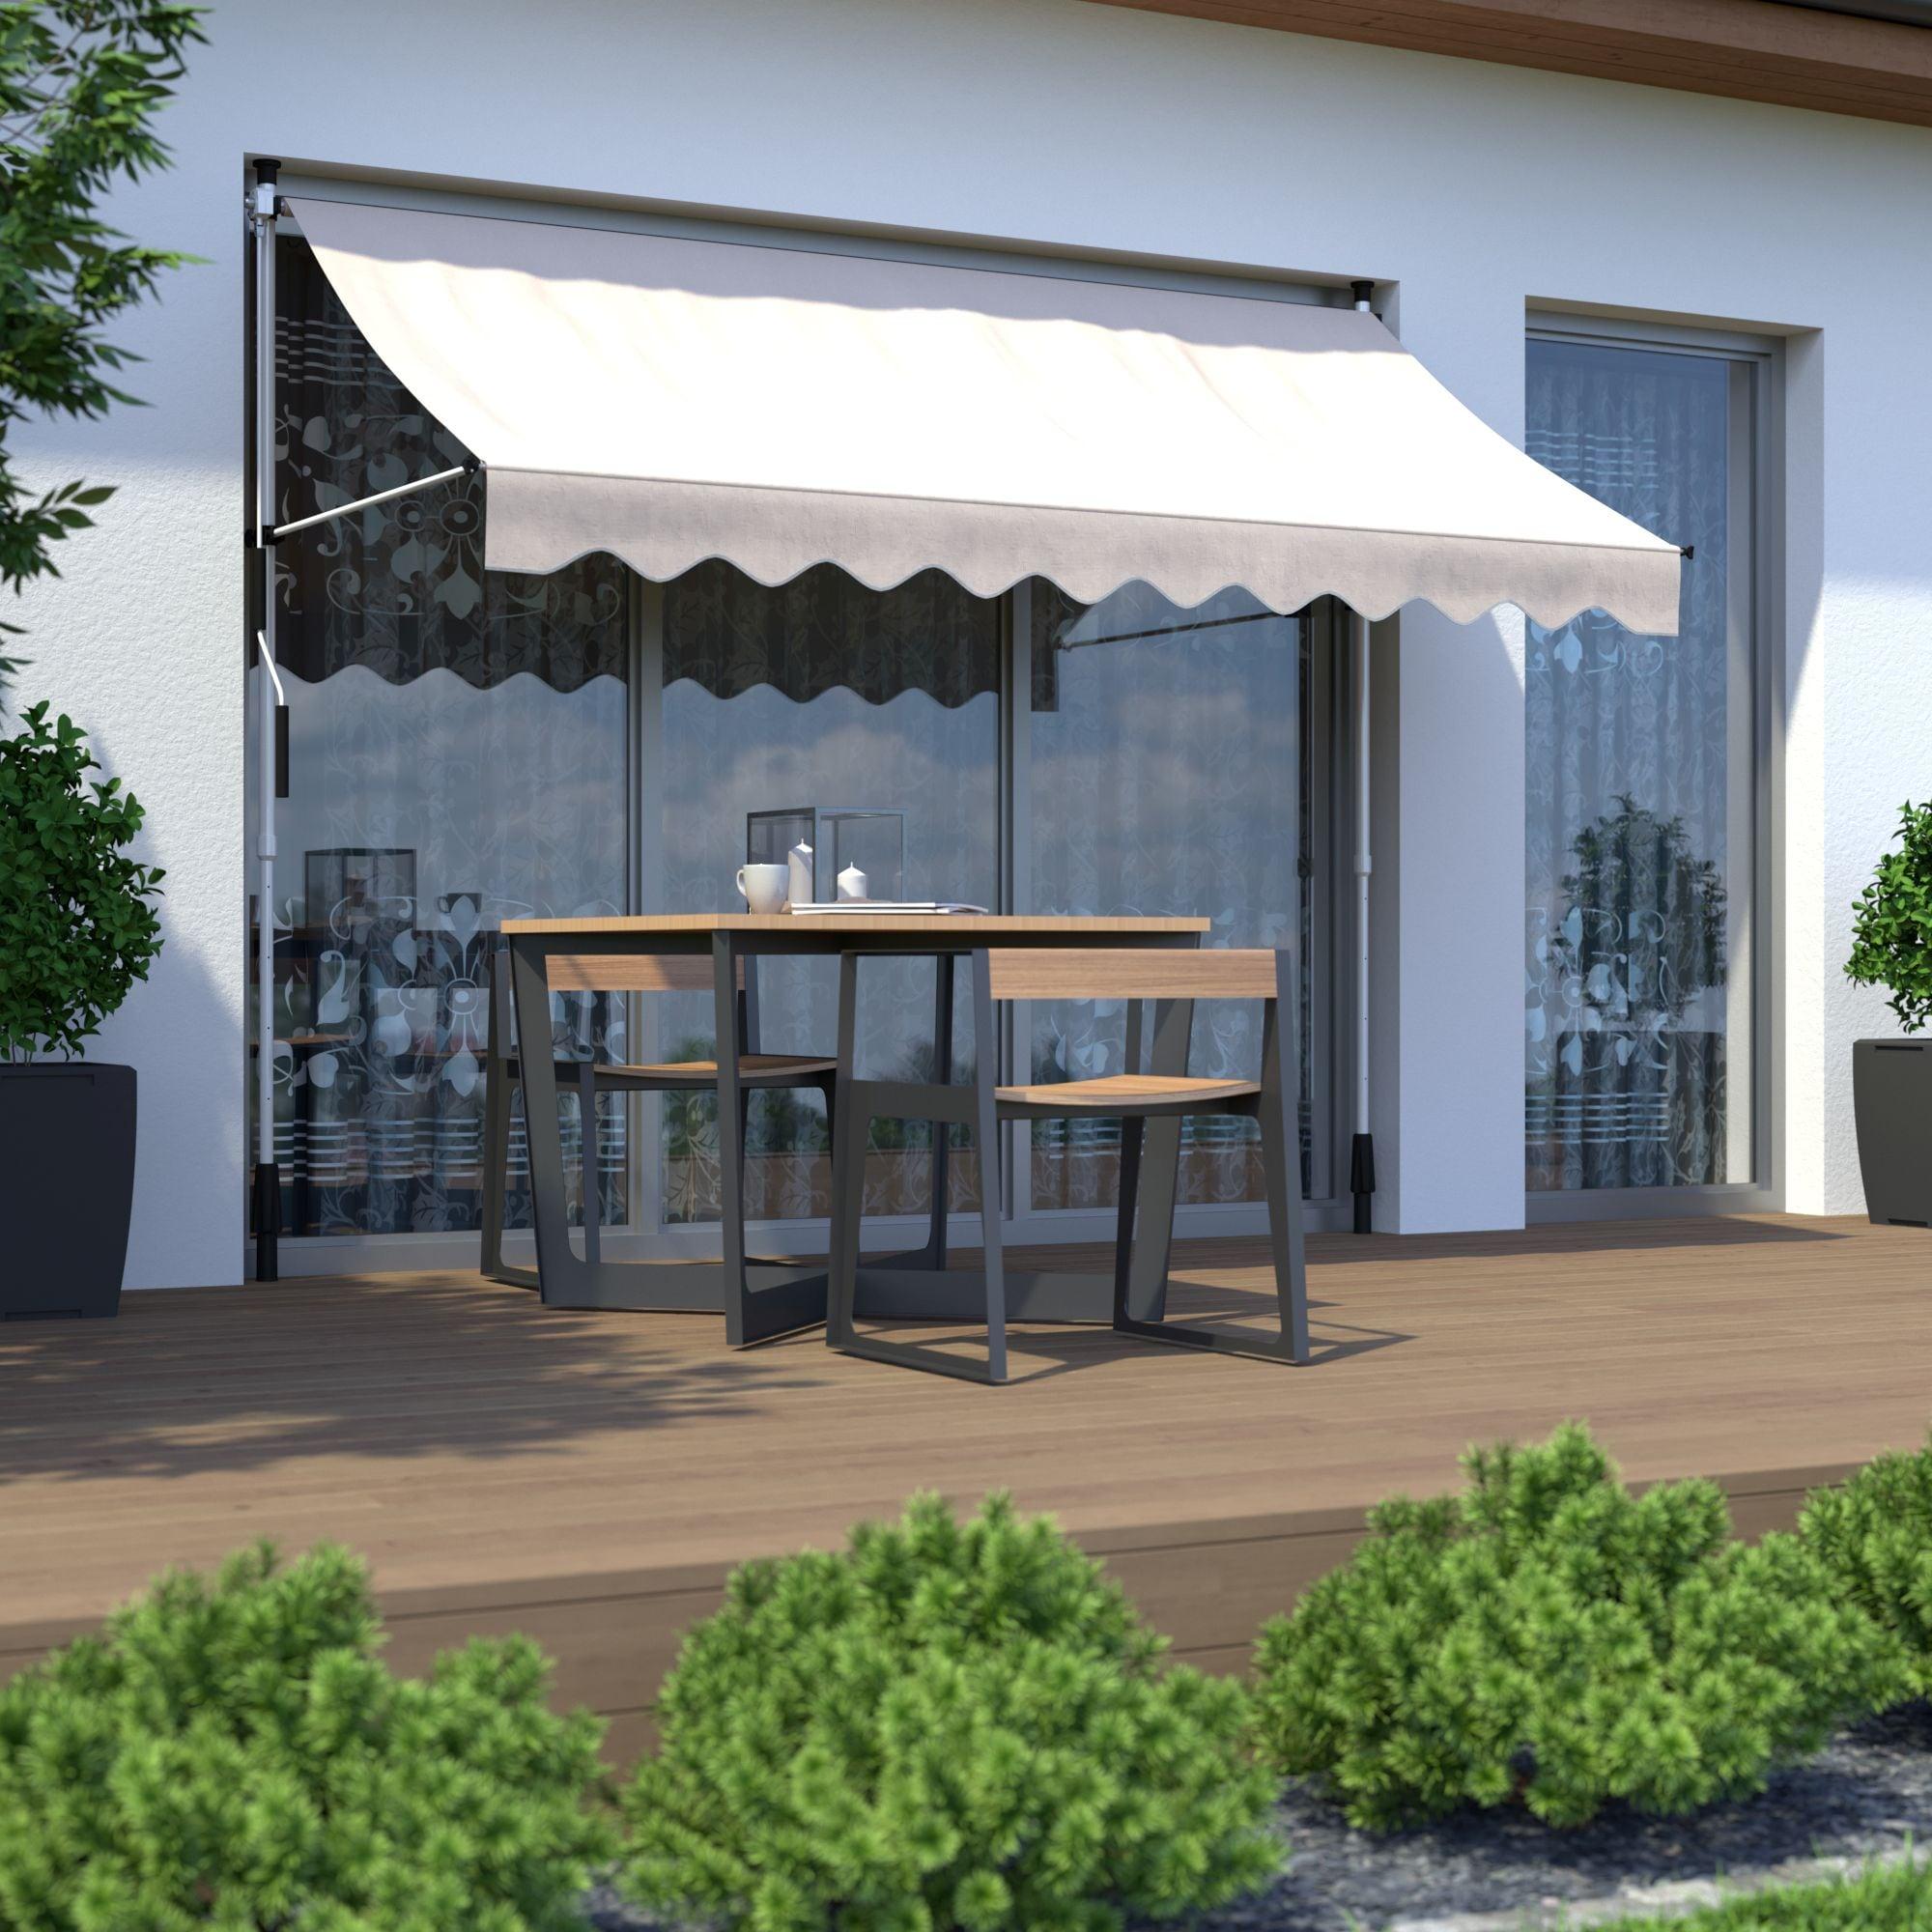 Markise-Balkonmarkise-Klemmmarkise-Garten-Sonnenschutz-einziehbar-ohne-Bohren Indexbild 4